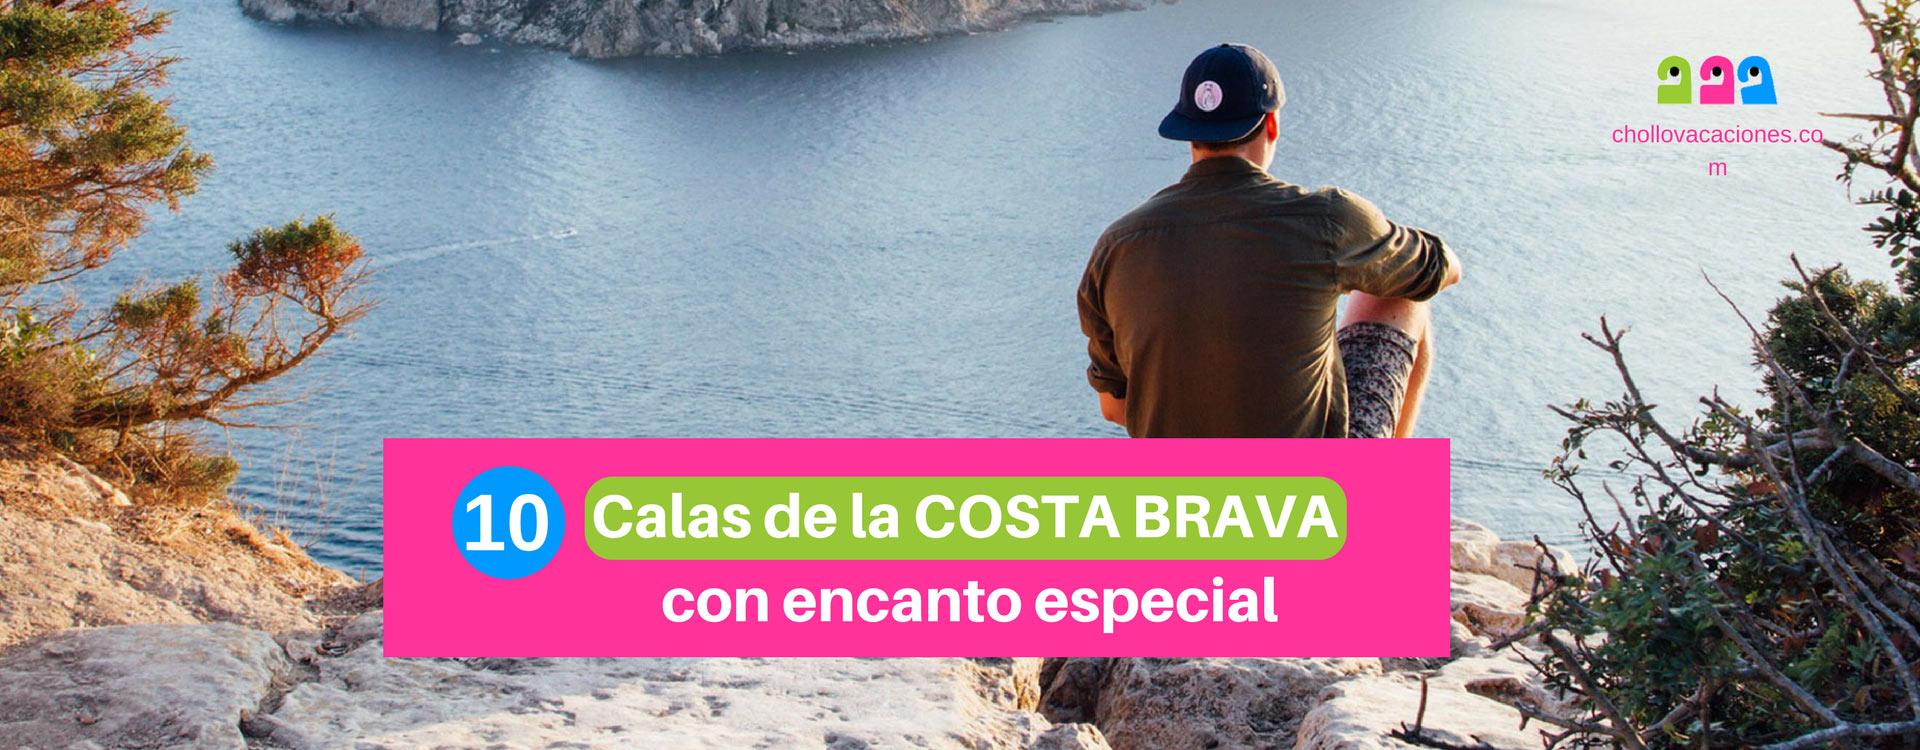 Calas Costa Brava: 10 calas y playas con encanto especial.